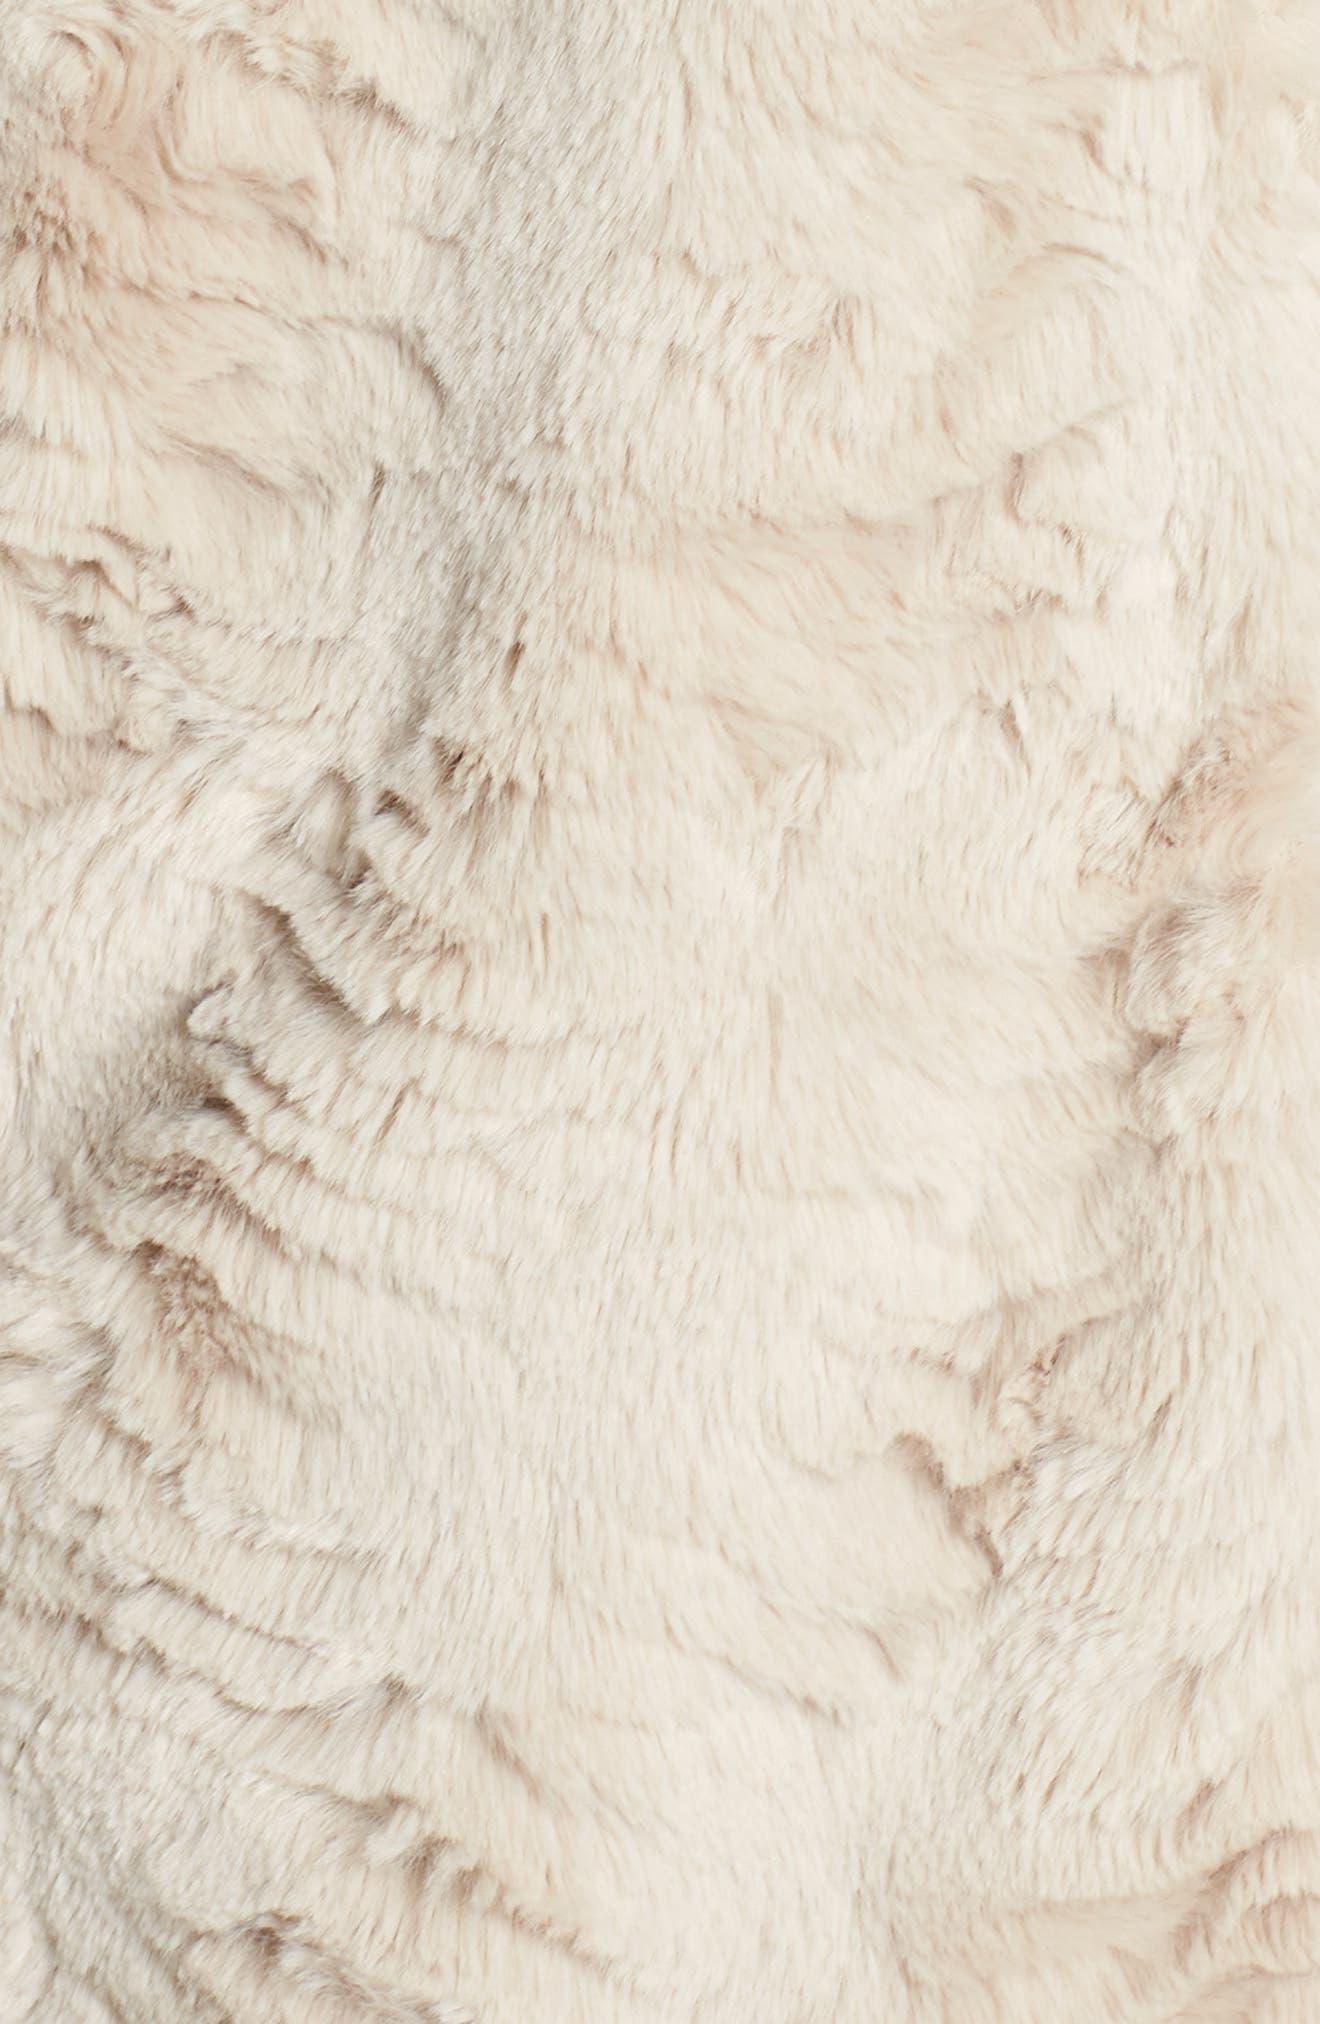 Wubby Faux Fur Coat,                             Alternate thumbnail 7, color,                             SAND